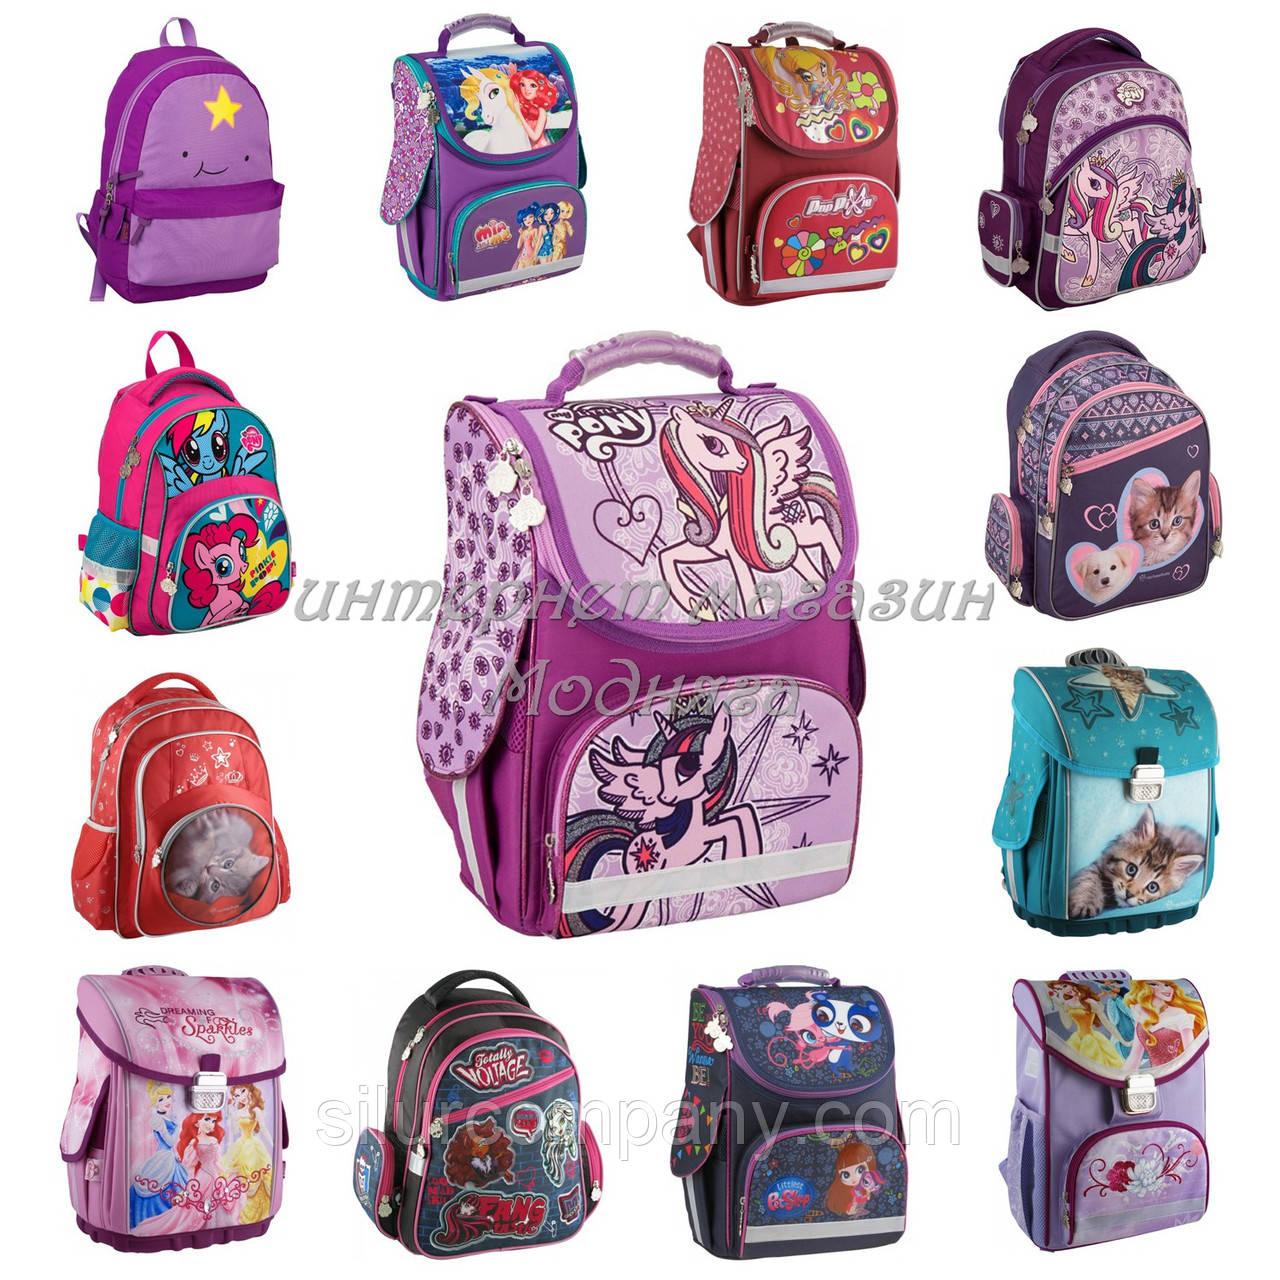 80f74cf15d64 Рюкзаки для школьников KITE большой ассортимент для девочек - Интернет  магазин